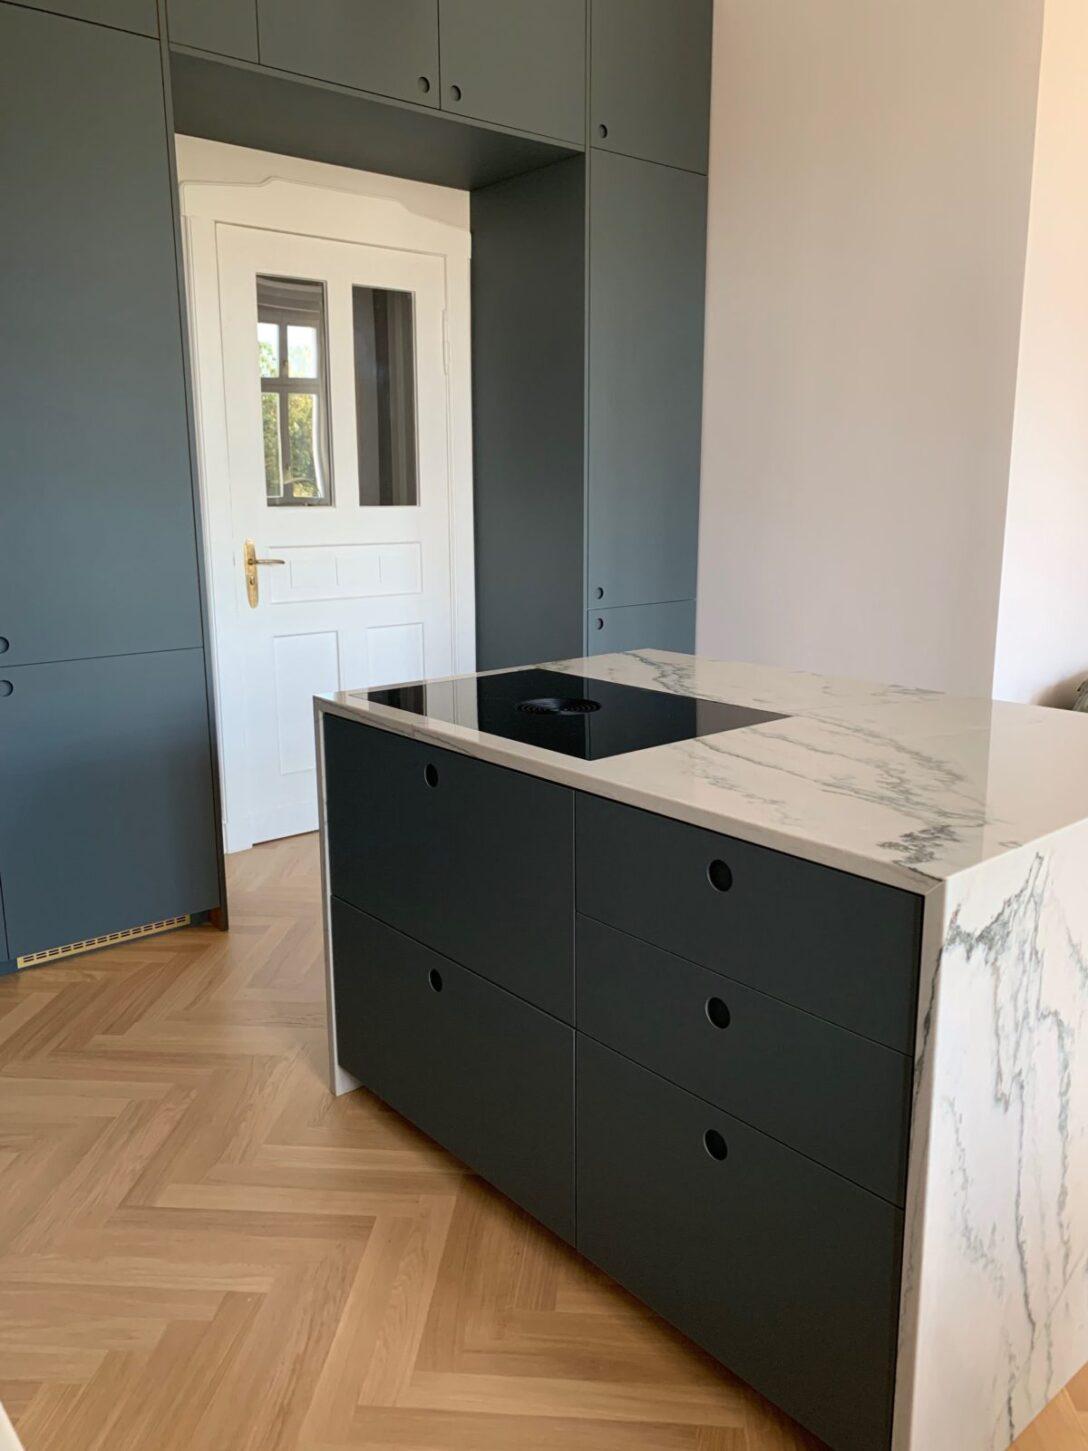 Large Size of Küche L Form Ikea Wohnungskolumne Meine Kitchen Story So Planten Wir Unsere Kaufen Tipps Deckenleuchten Lieferzeit Müllschrank Anrichte Miniküche Wohnzimmer Küche L Form Ikea